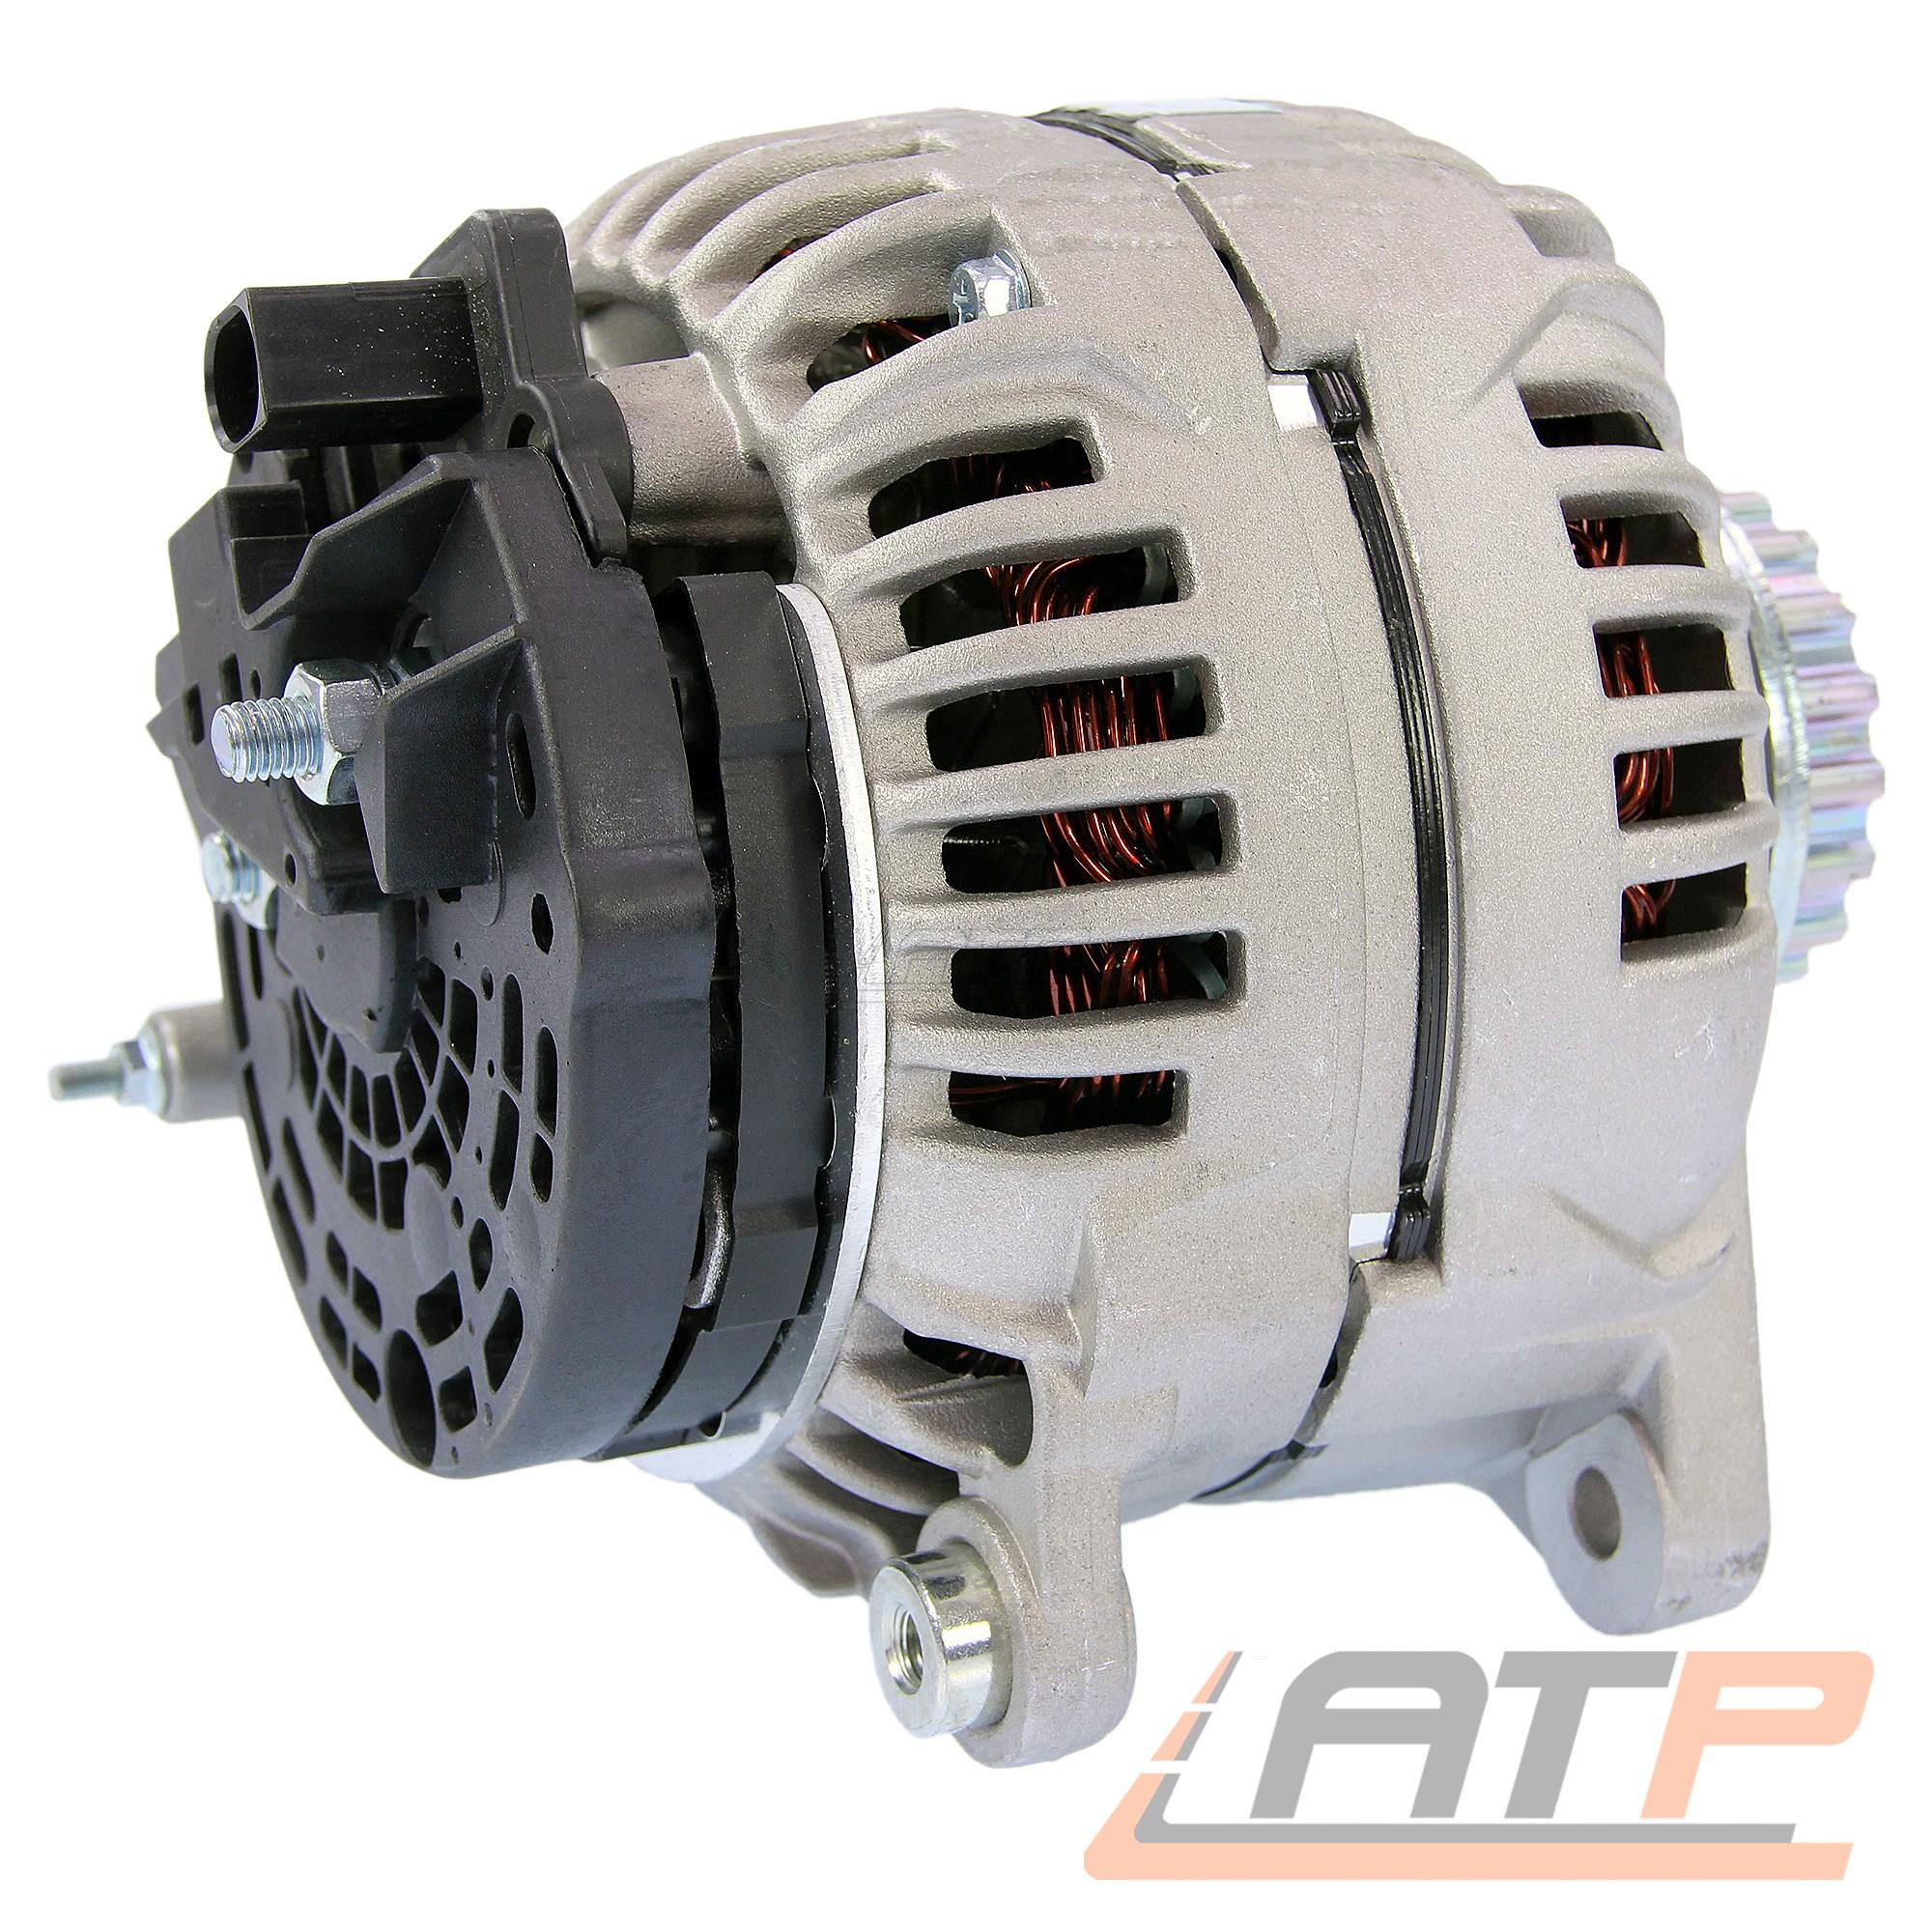 La dínamo generador 180-a VW Touareg 7l 2.5 r5 TDI